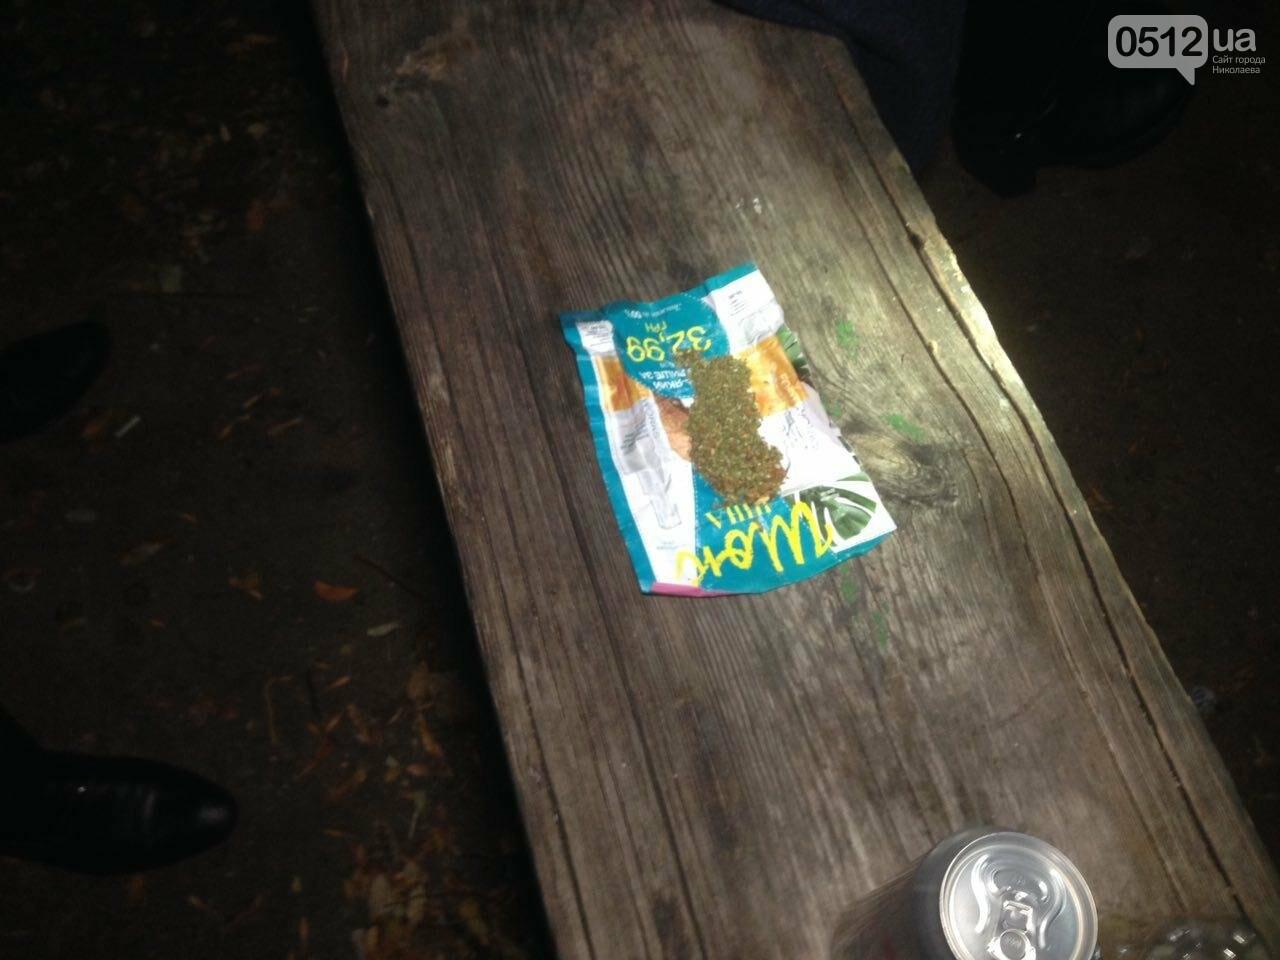 В Николаеве патрульные задержали компанию парней, куривших коноплю в парке возле яхт-клуба, - ФОТО, фото-6